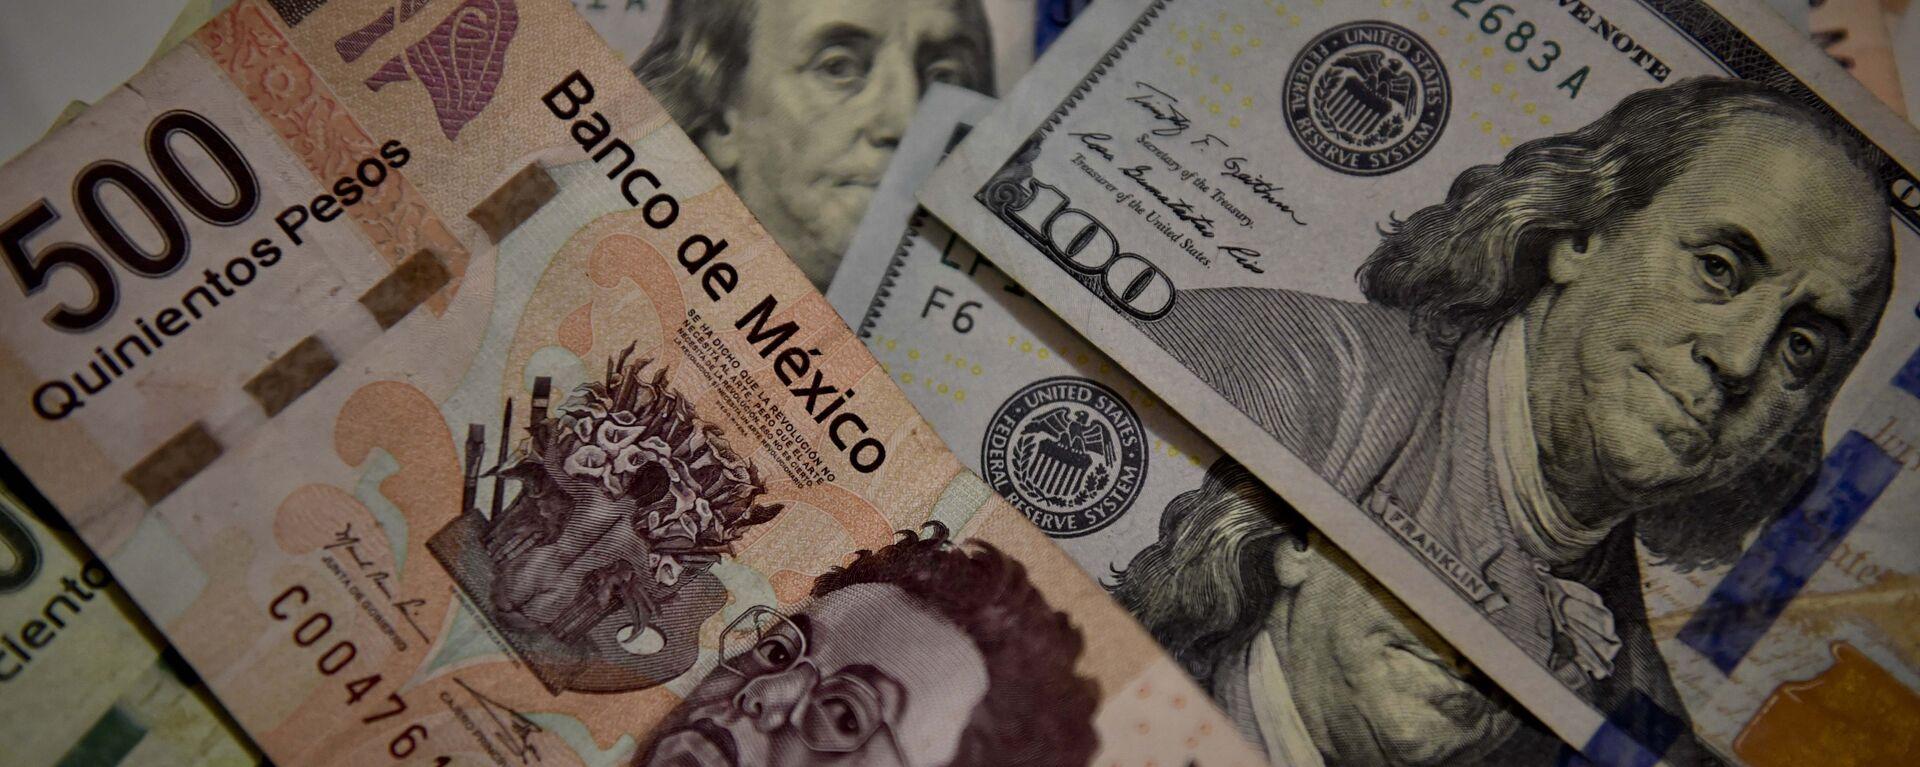 Peso mexicano y dólar estadounidense - Sputnik Mundo, 1920, 21.08.2021